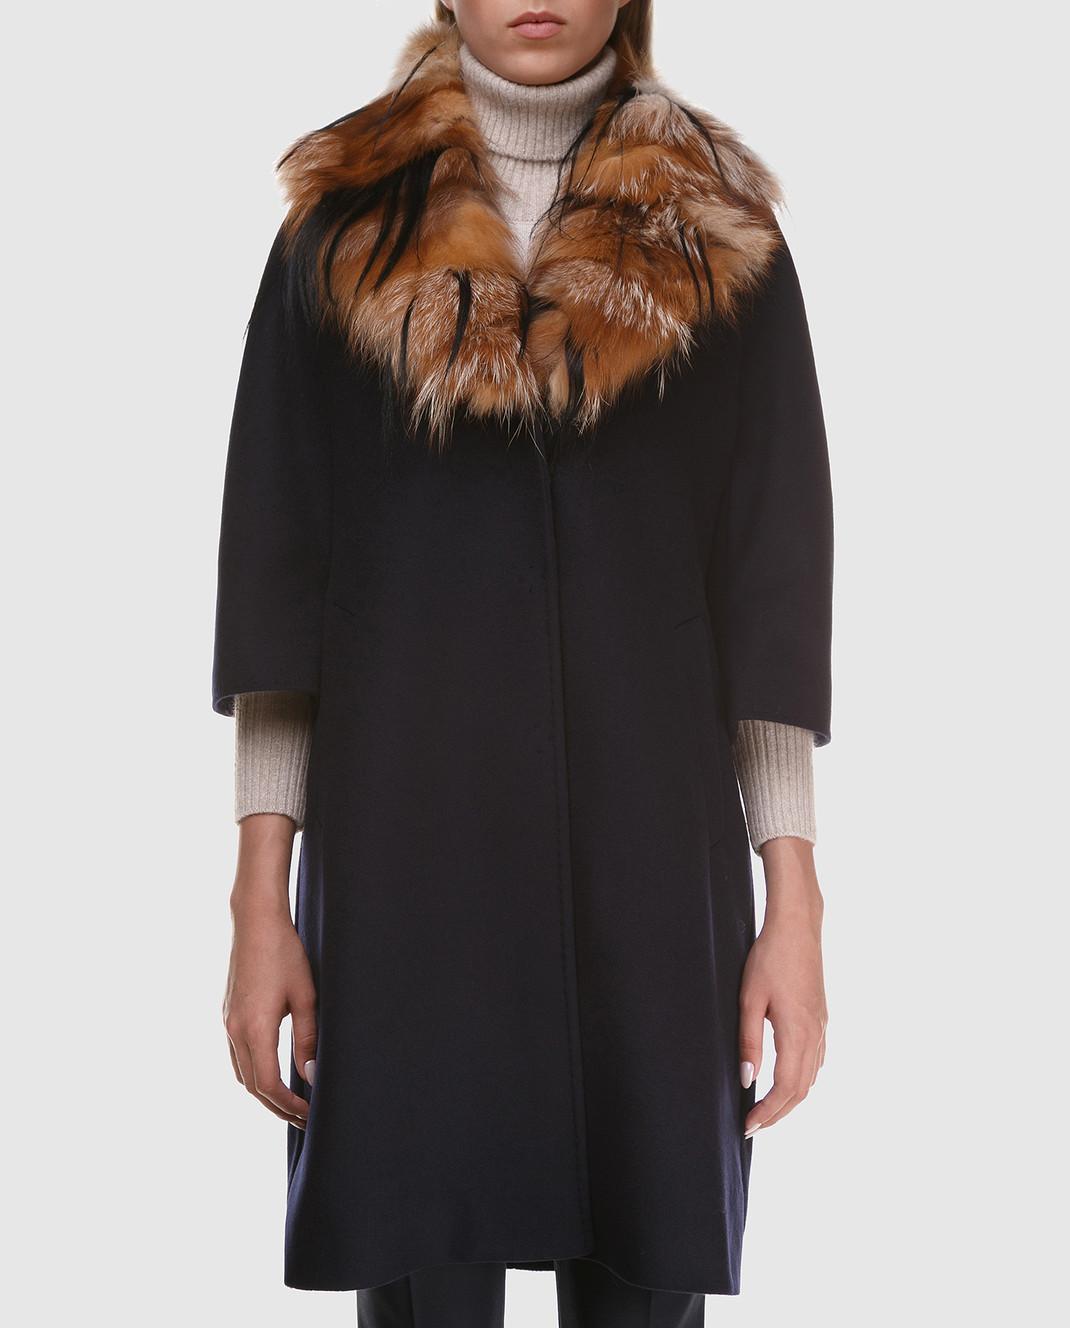 Heresis Пальто из шерсти со съемным воротником из меха лисы M3795FOX изображение 3